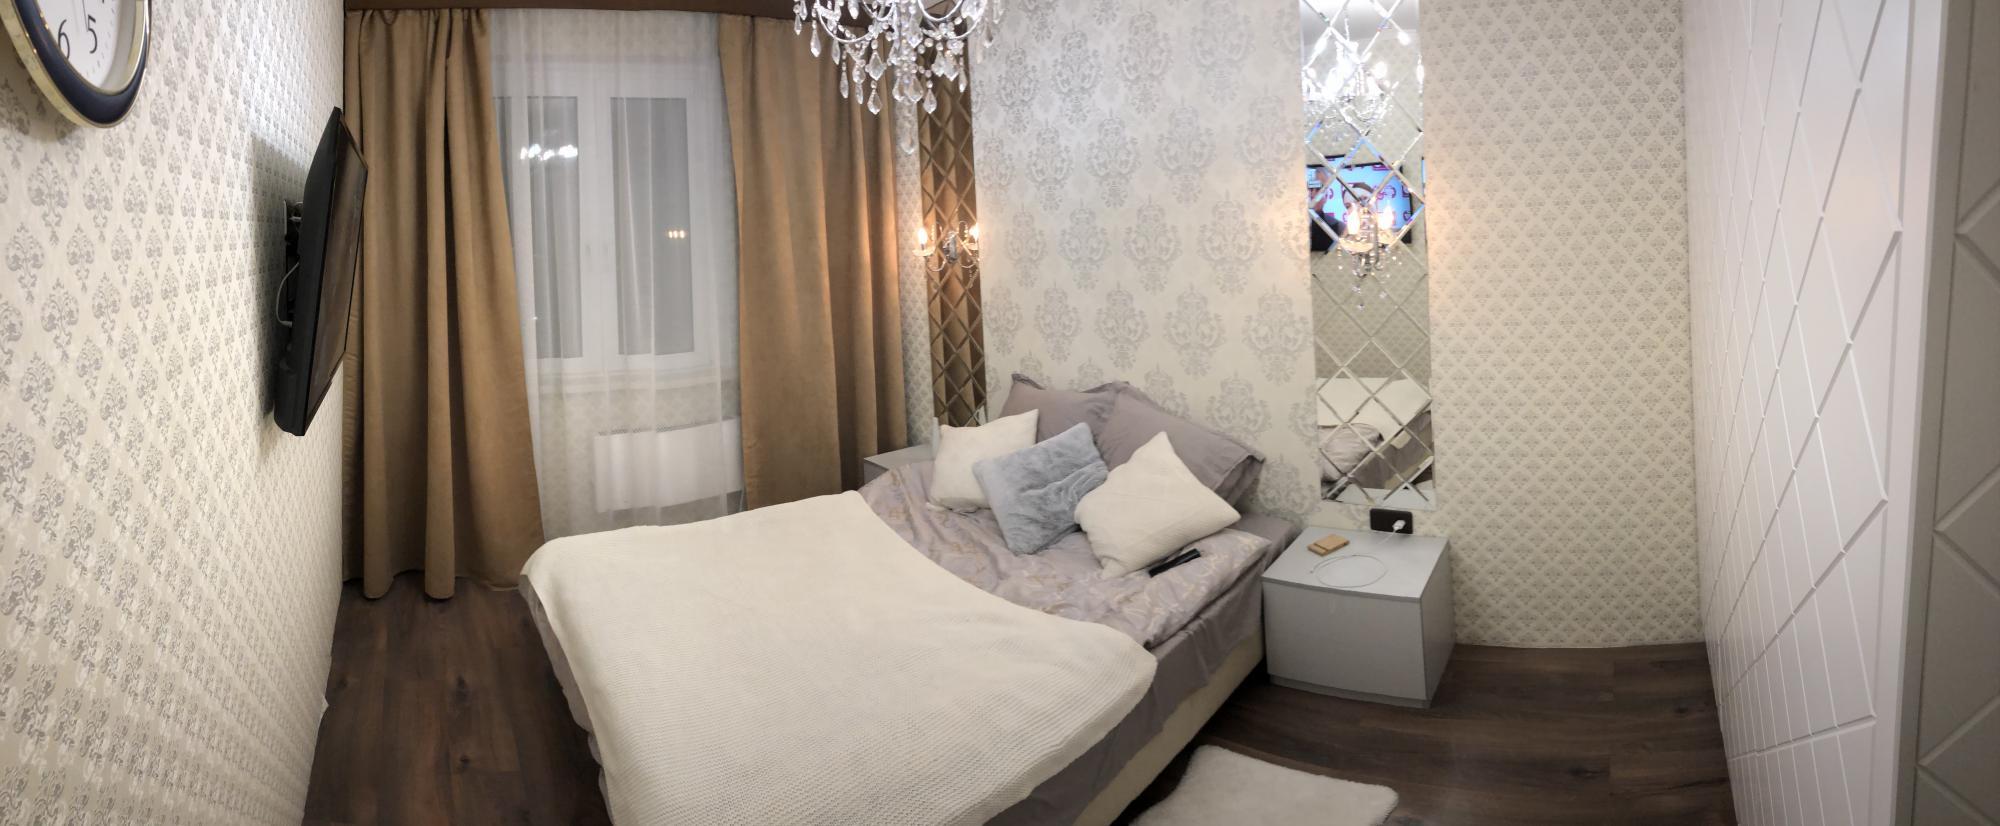 Квартира, 3 комнаты, 84 м² в Троицке 89671215191 купить 1